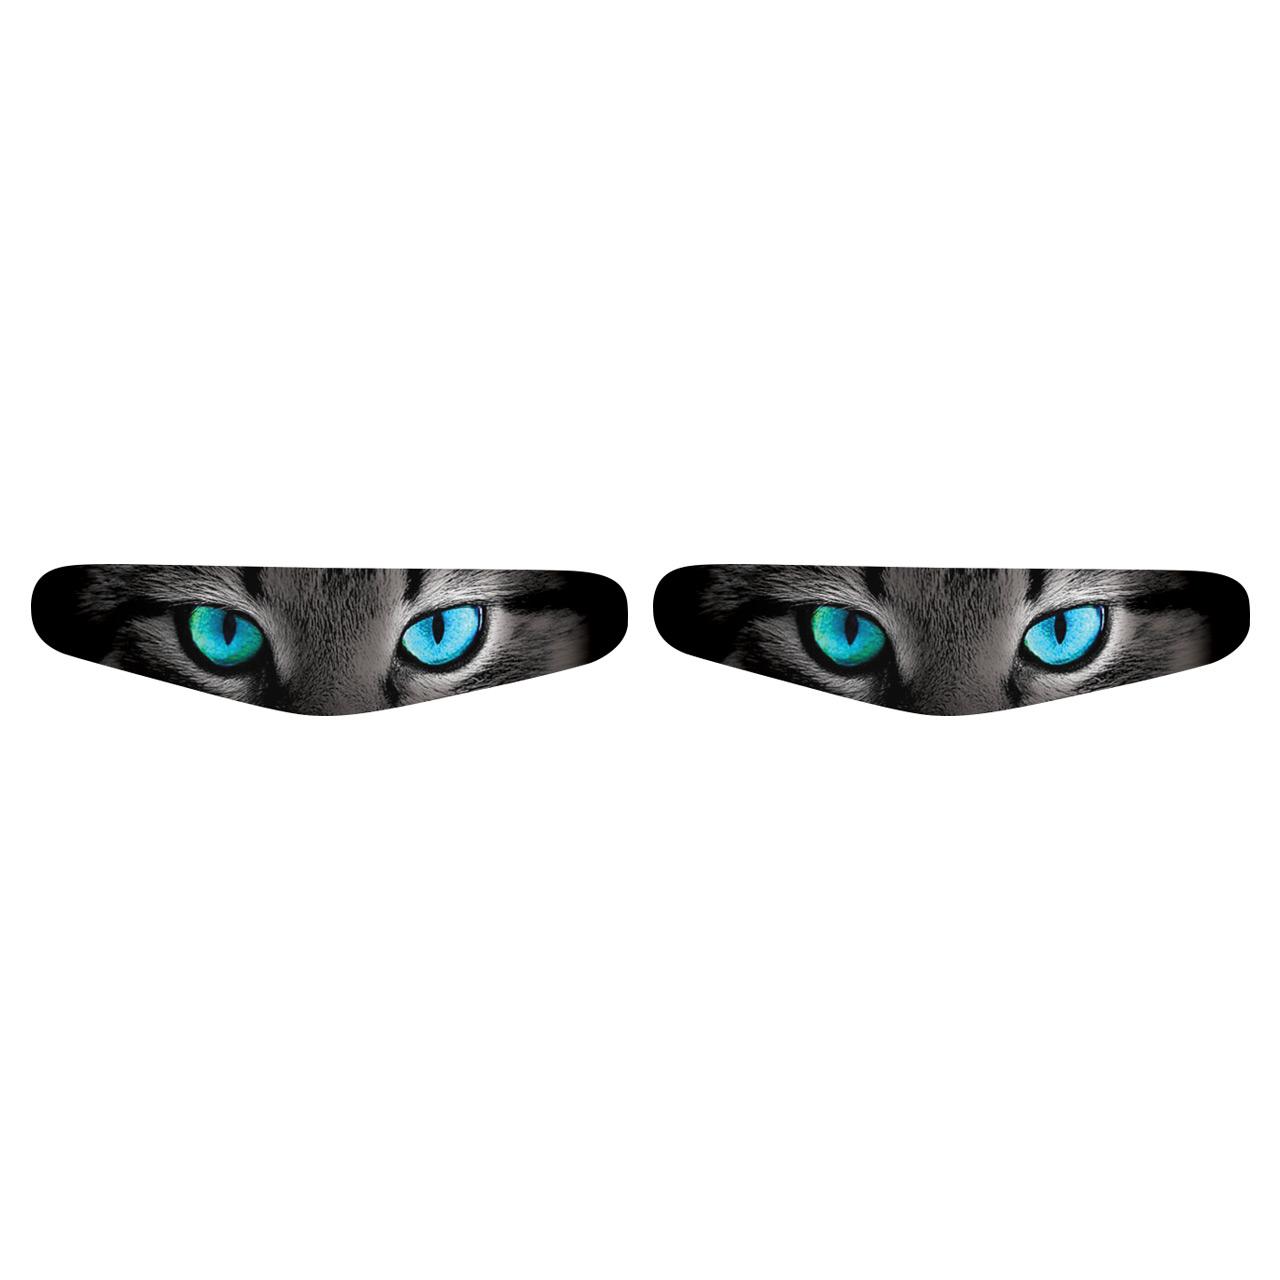 برچسب پلی استیشن 4 مدل Cat بسته 2 عددی